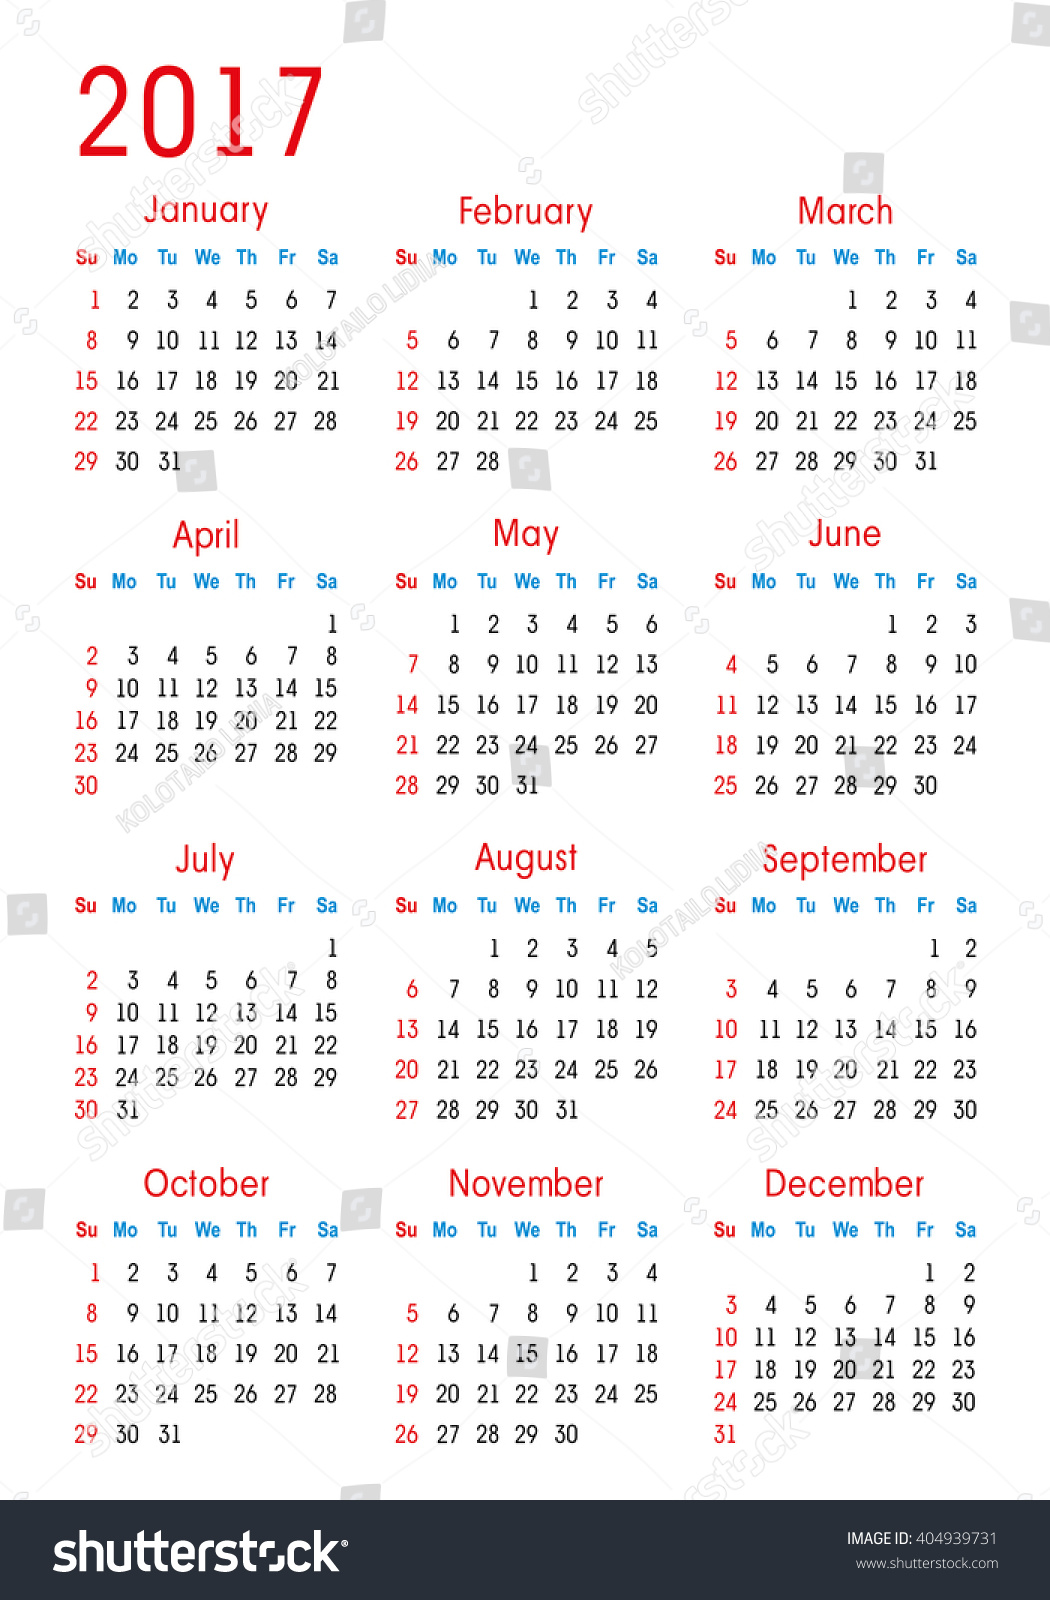 Simple Vector Calendar 2017 Stock Vector 404939731 ...